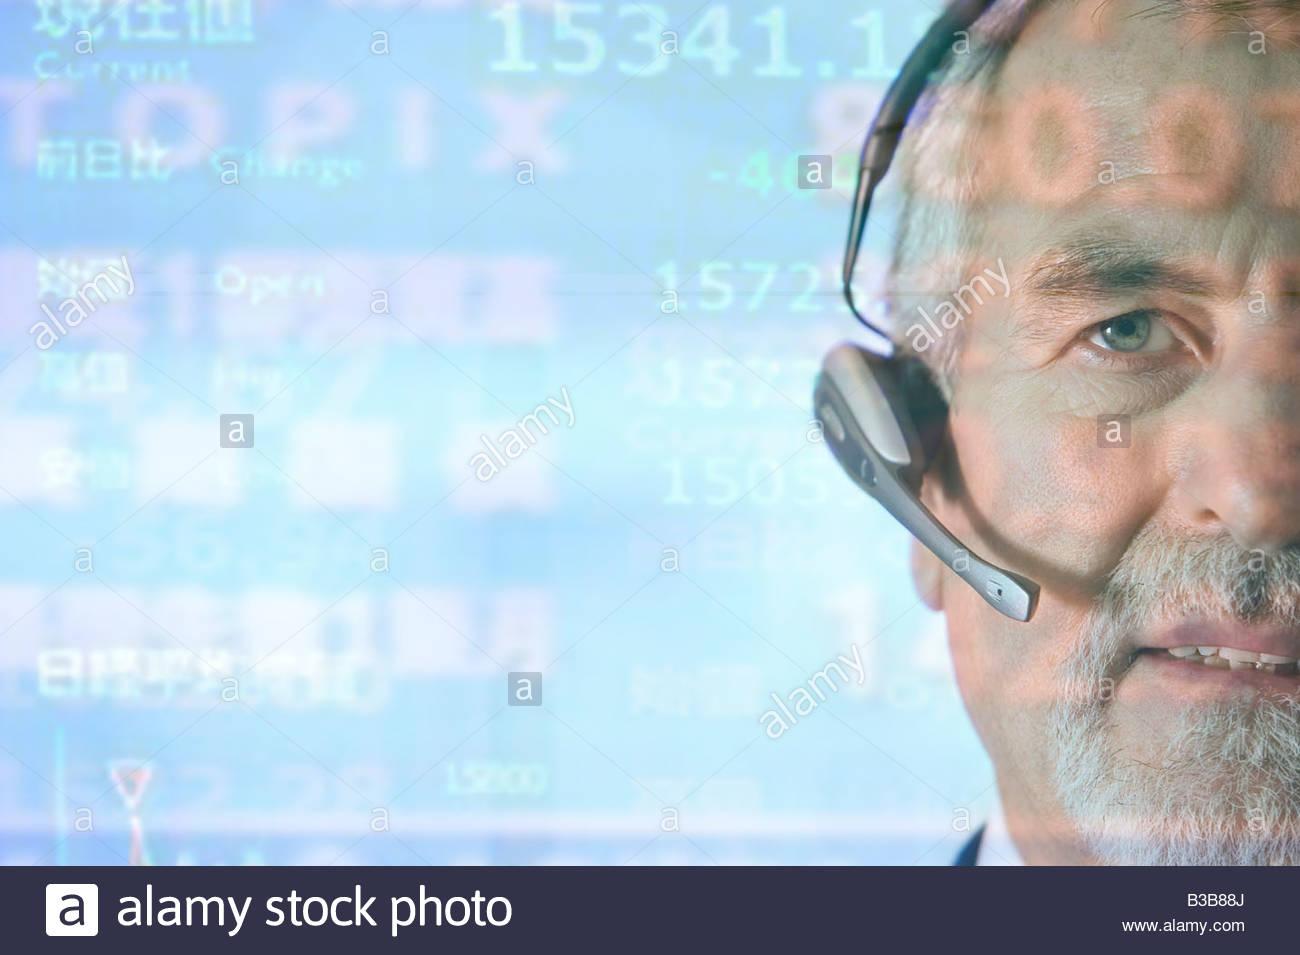 Businessman using telephone headset - Stock Image